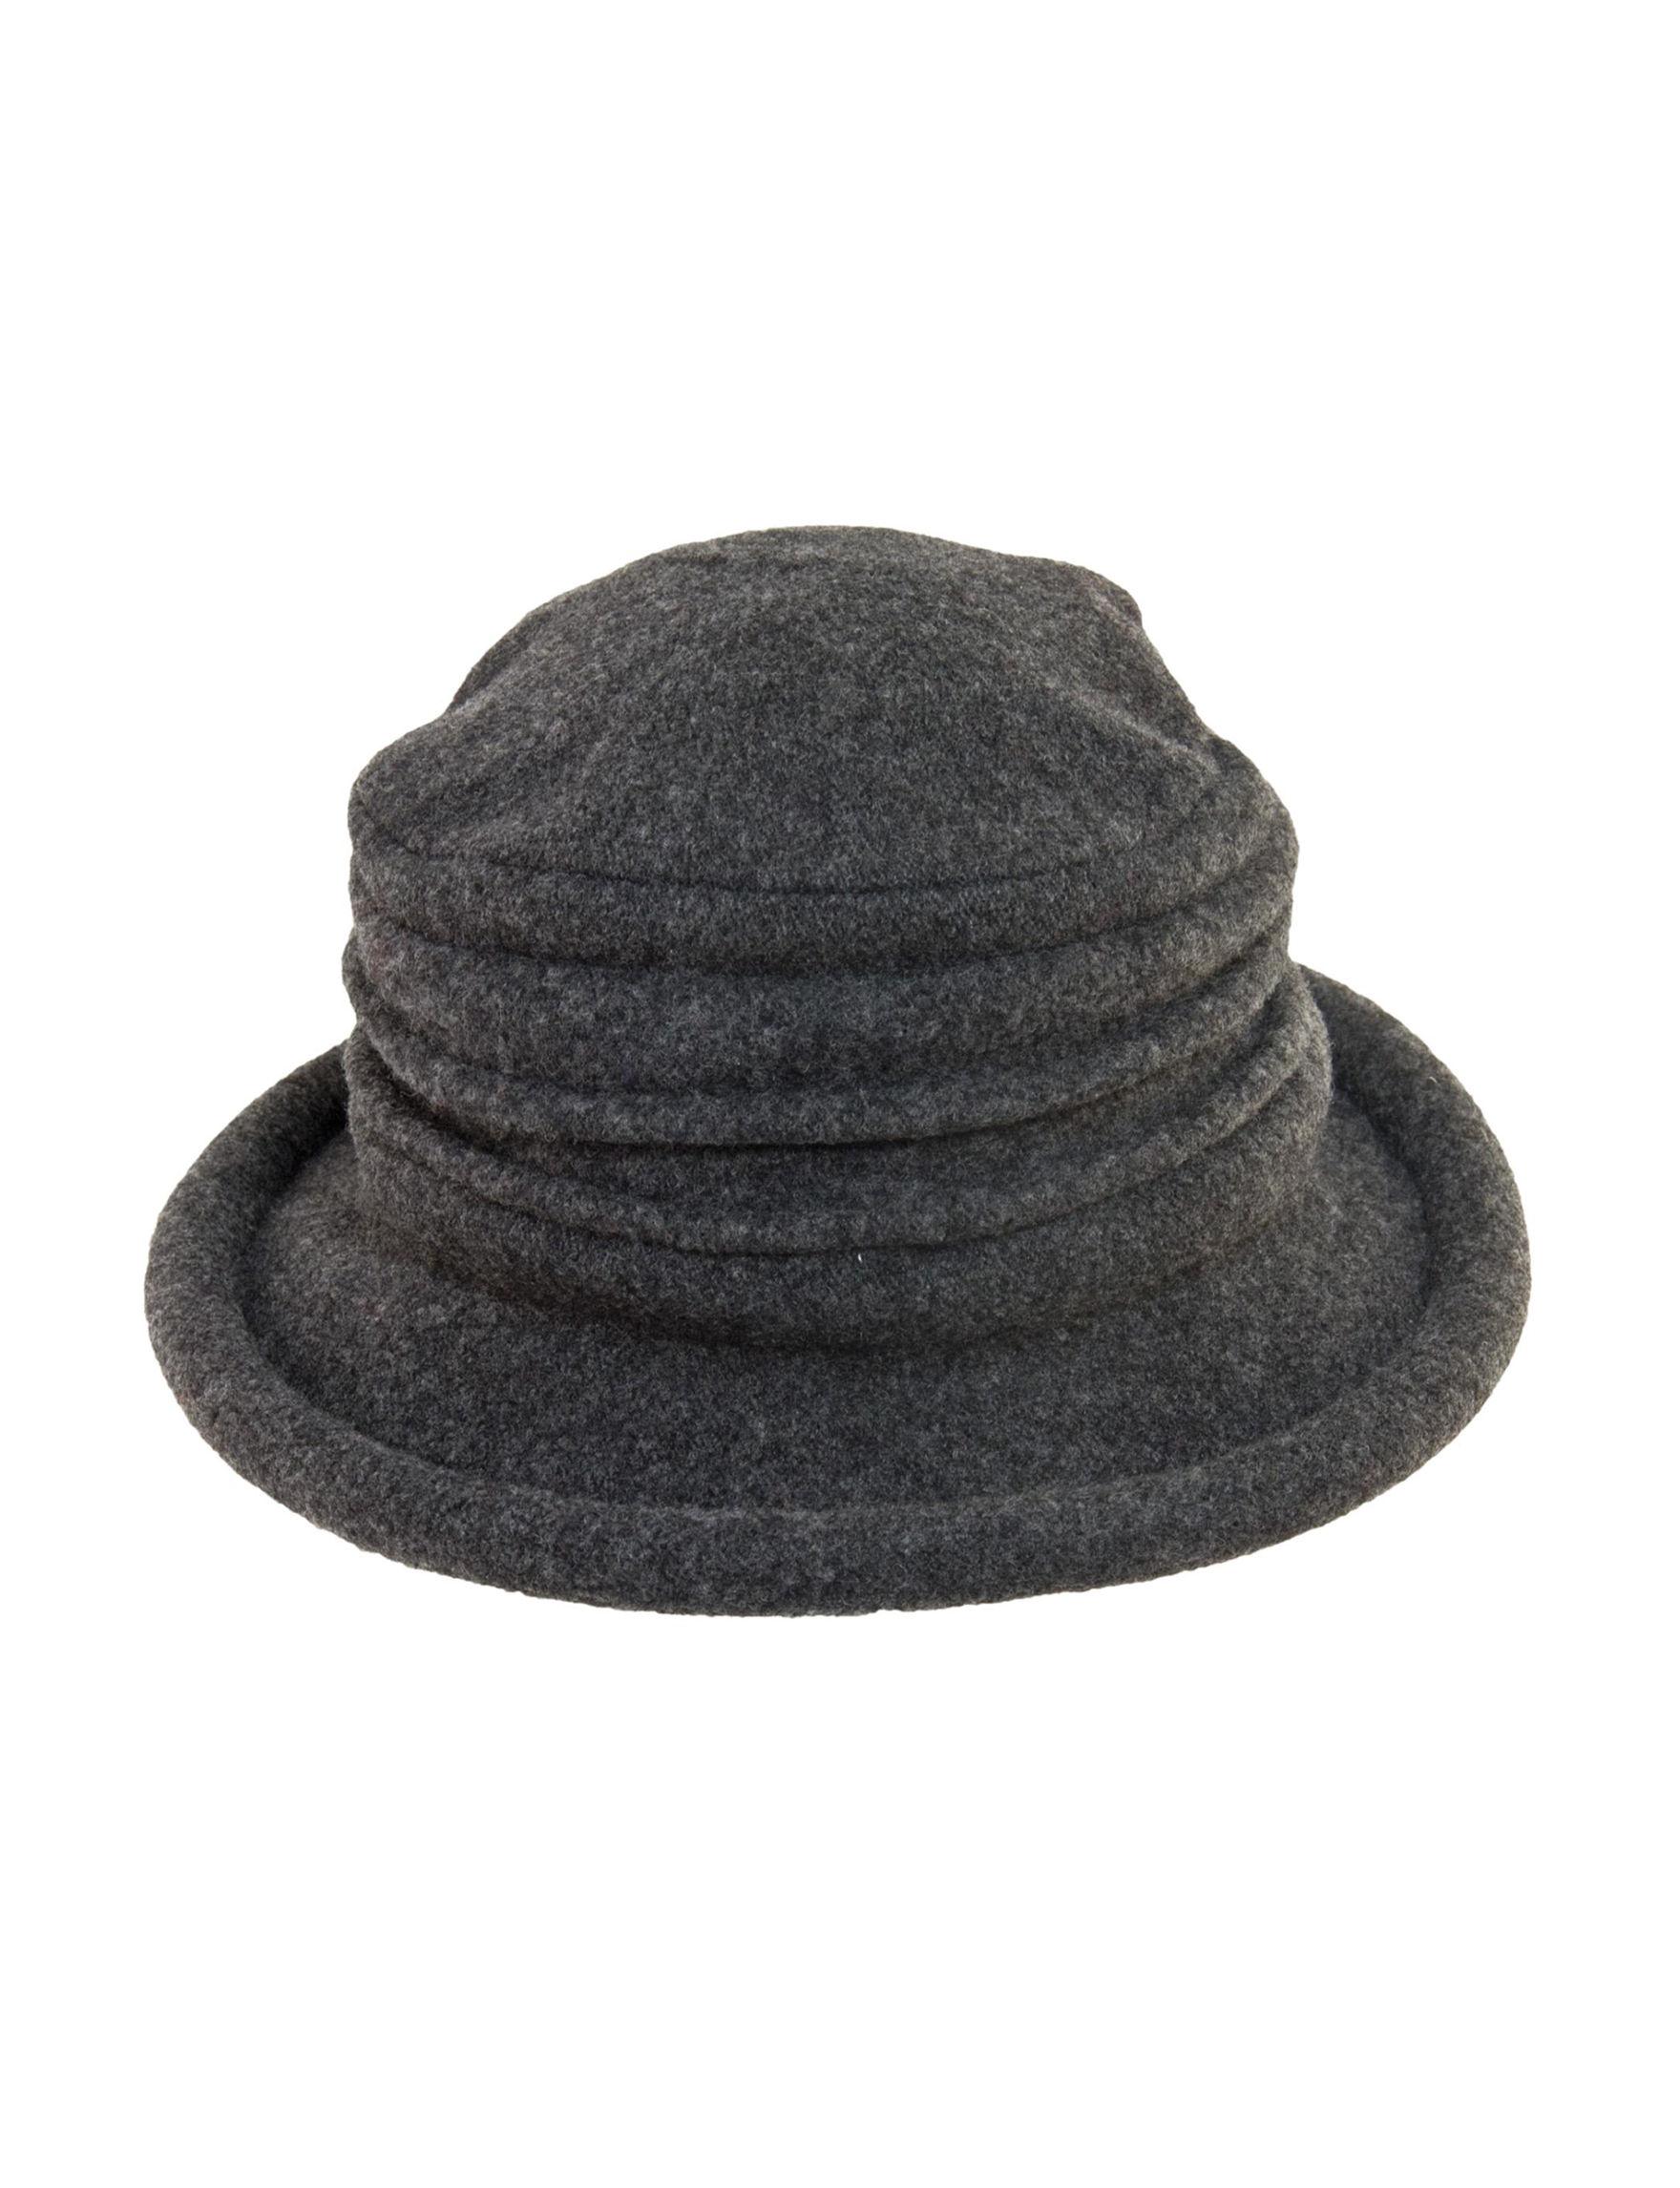 75b431f1b01 Scala Wool Knit Cloche Hat